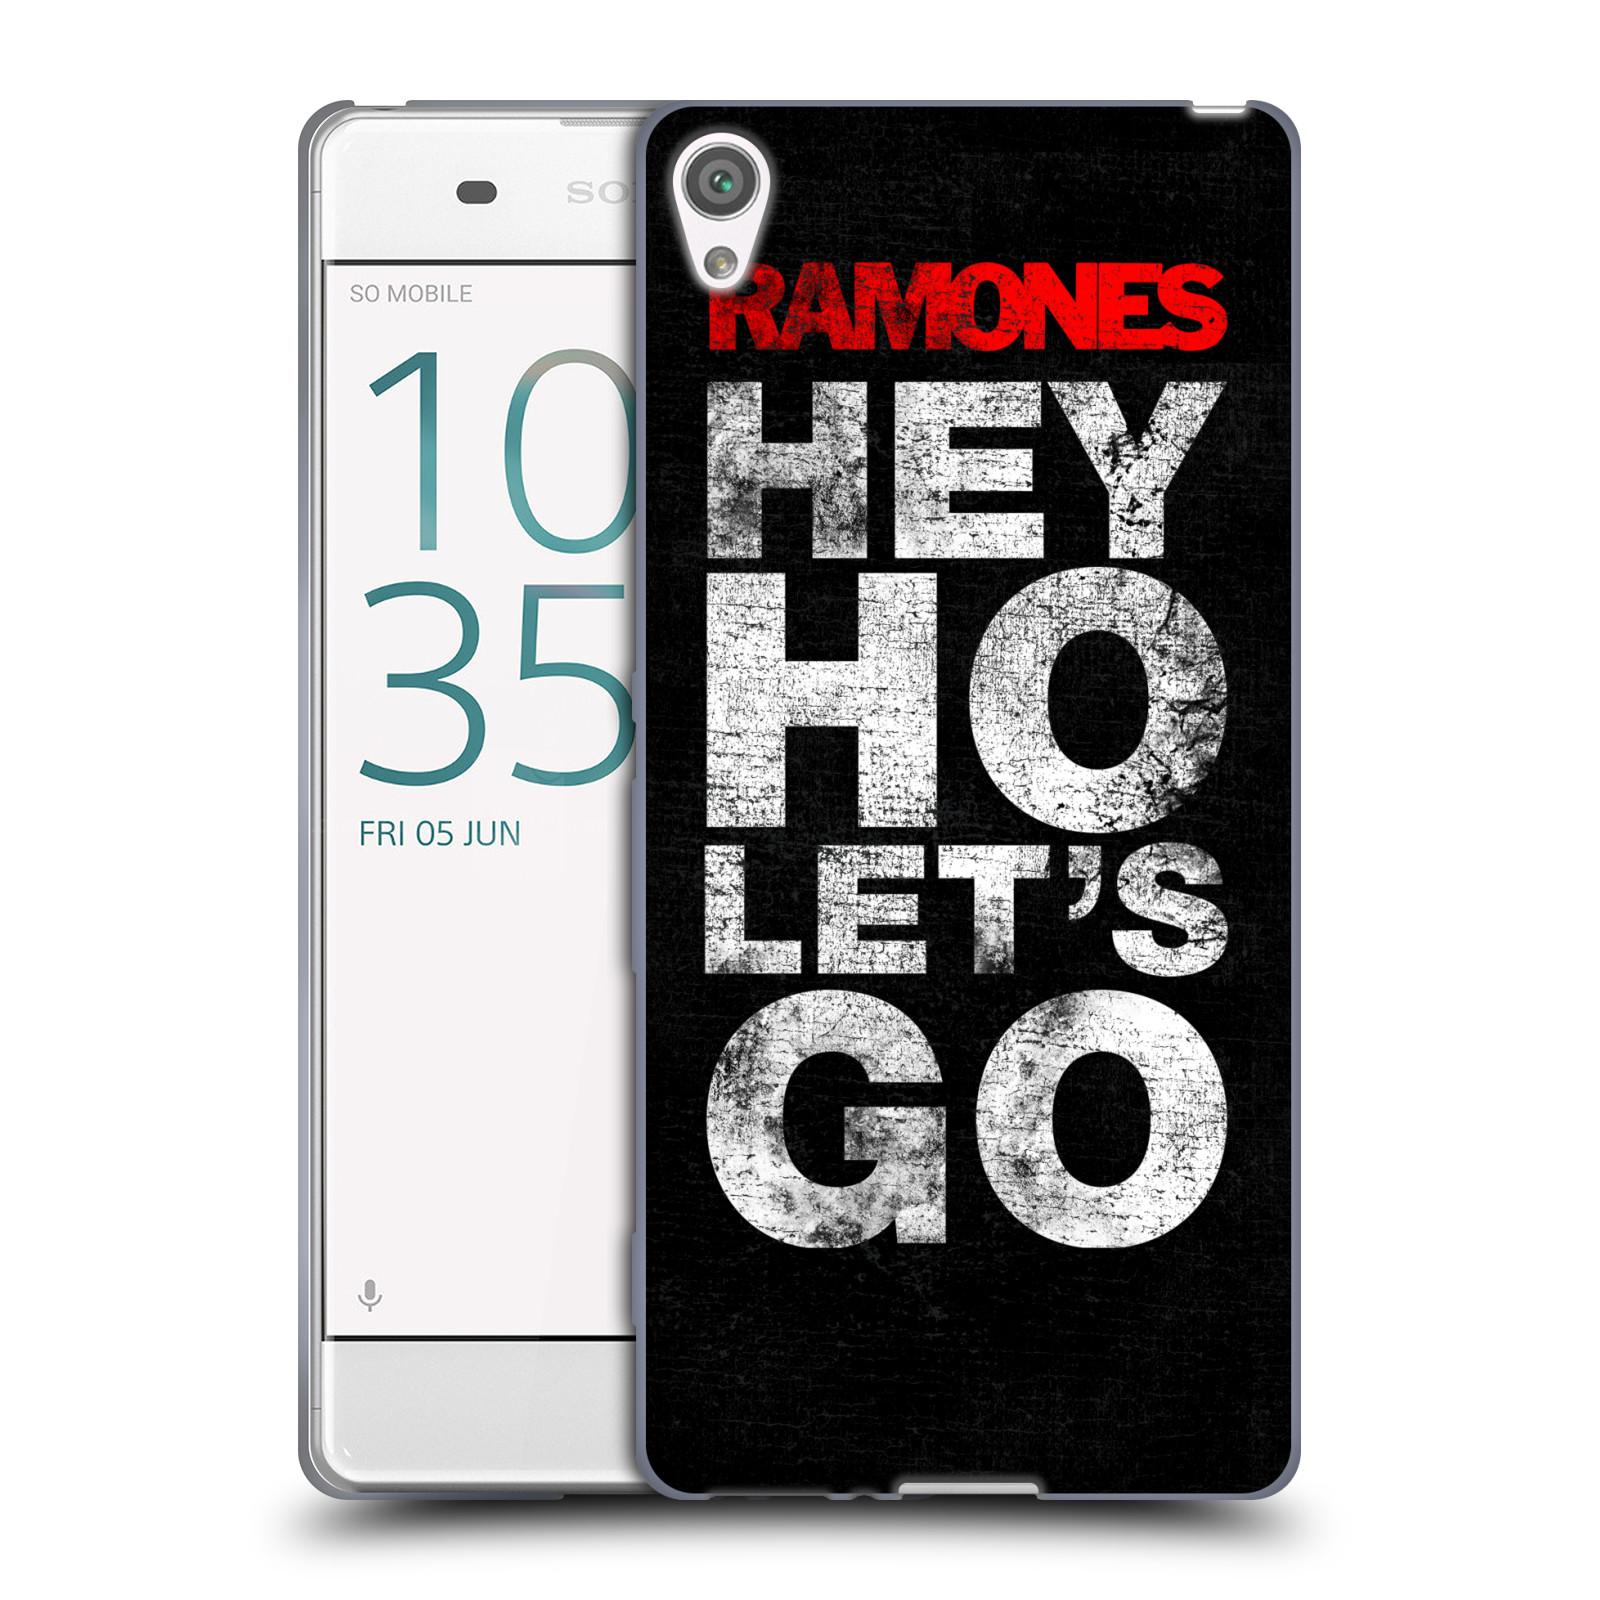 Silikonové pouzdro na mobil Sony Xperia XA HEAD CASE The Ramones - HEY HO LET´S GO (Silikonový kryt či obal na mobilní telefon s oficiálním licencovaným motivem The Ramones pro Sony Xperia XA F3111 / Dual SIM F3112)